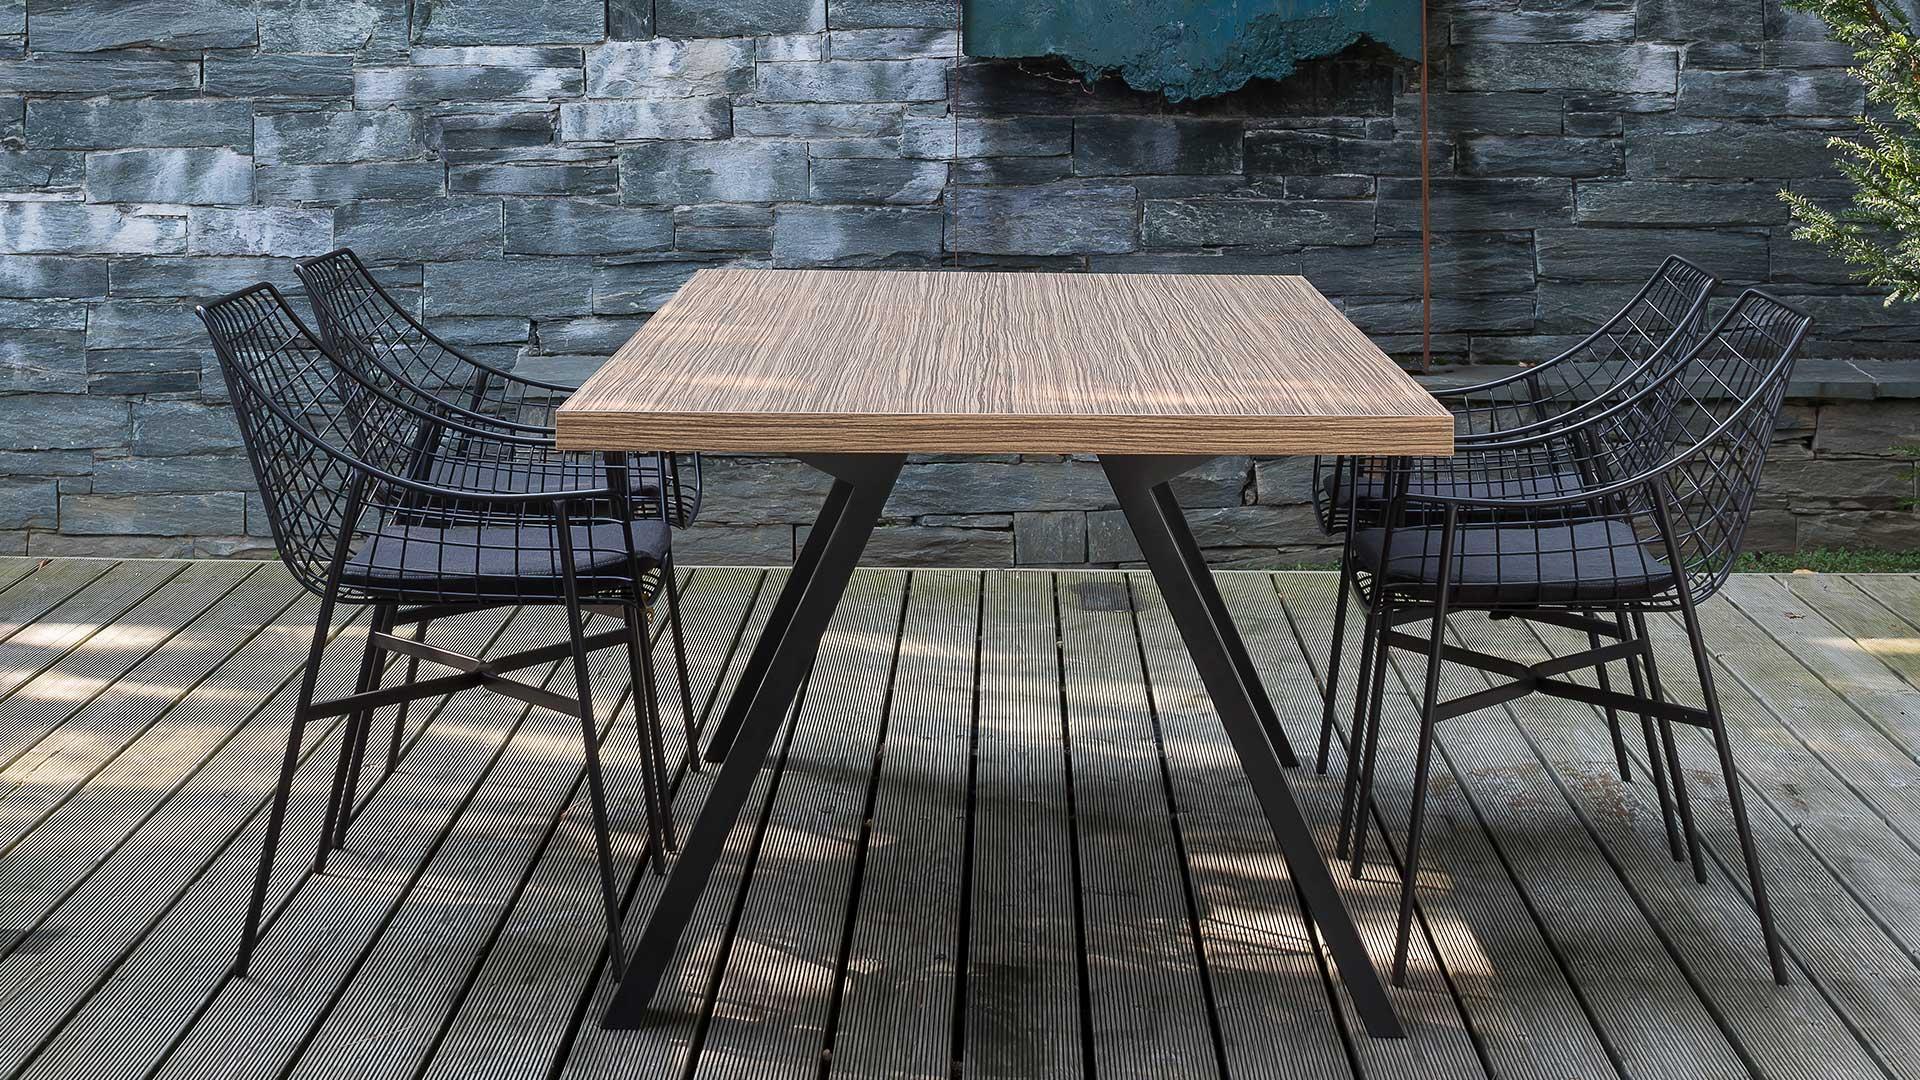 Tavoli-riunione-Artic-Level-Office-Landscape